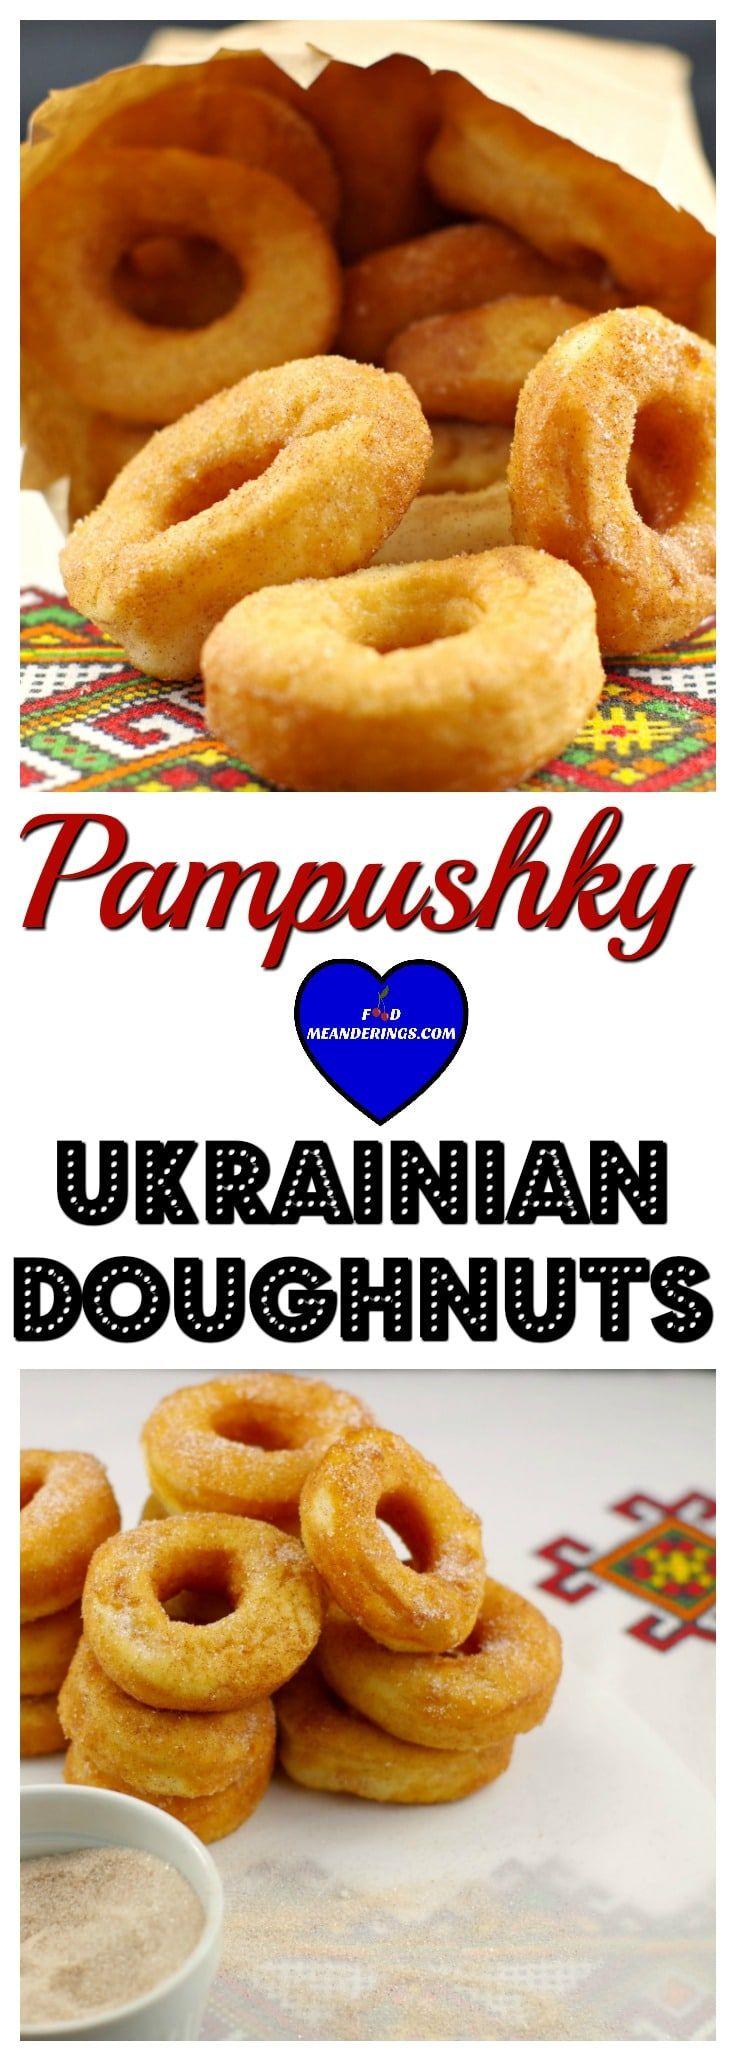 Pampushky   Ukrainian Doughnuts - Foodmeanderings.com